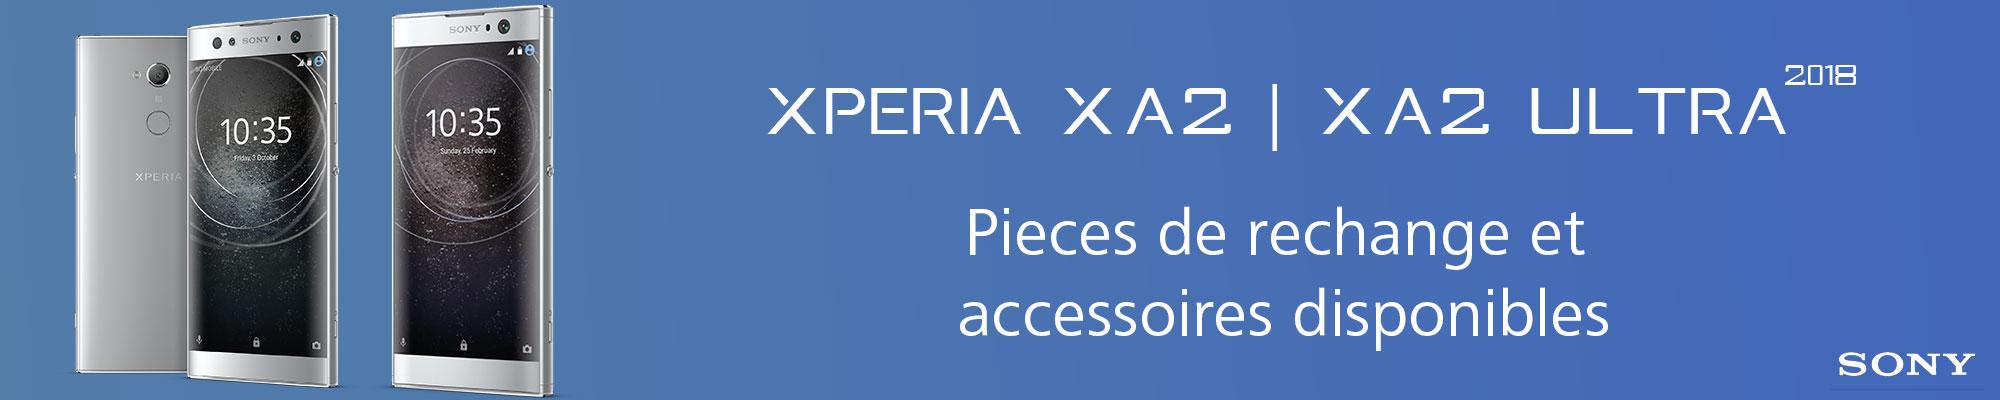 Nouvelles pièces de rechange et accessoires disponibles pour Sony Xperia XA2 et XA2 Ultra